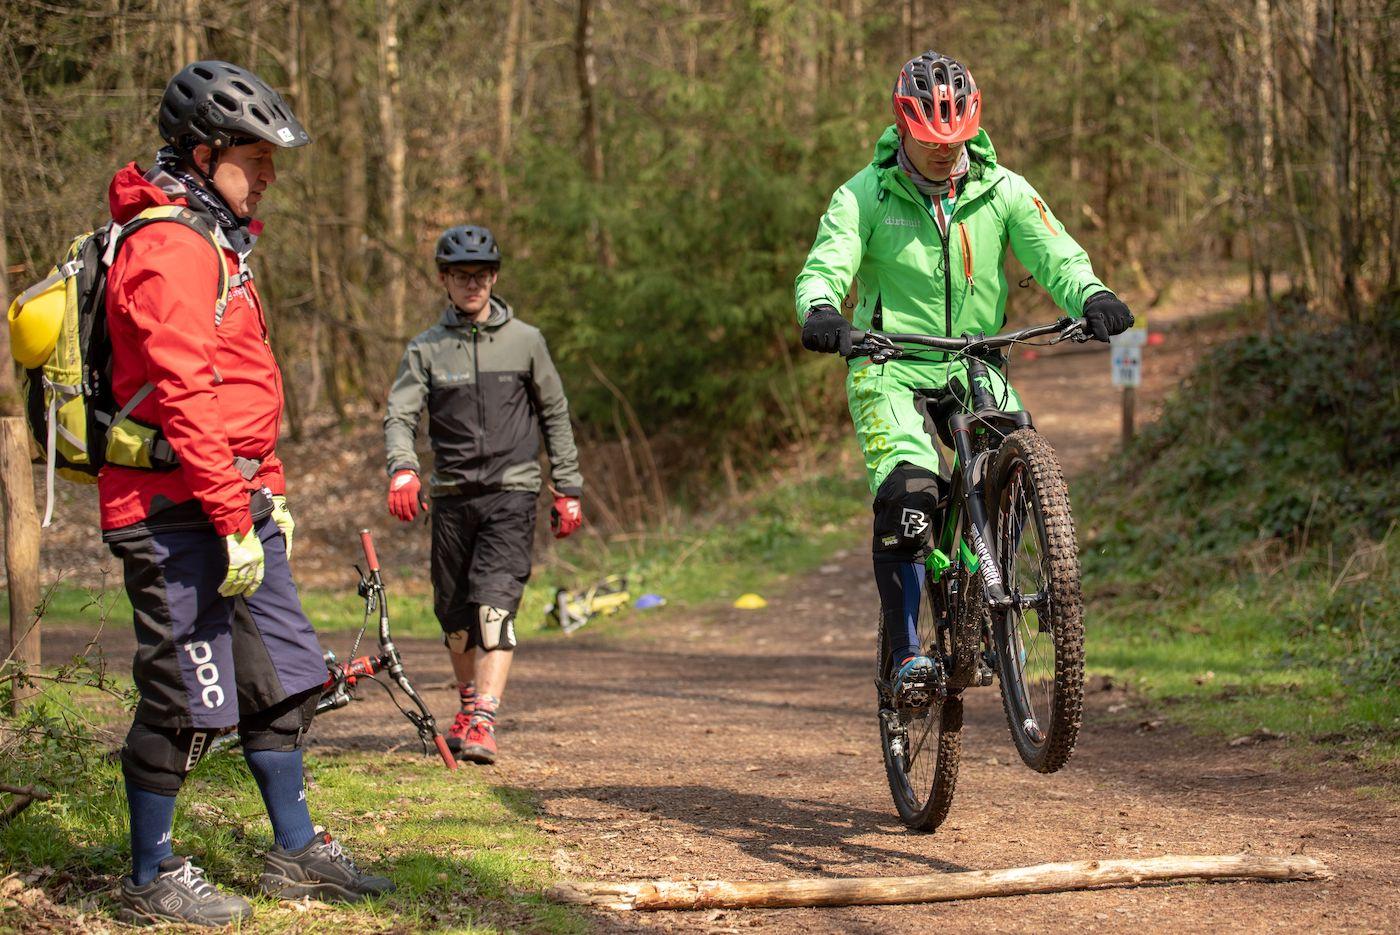 MTB Fahrtechnik Kurs Fortgeschrittene in Hamburg - Harburger Berge Norden - Mountainbike Fortgeschritten - Rock my Trail Bikeschule - 15